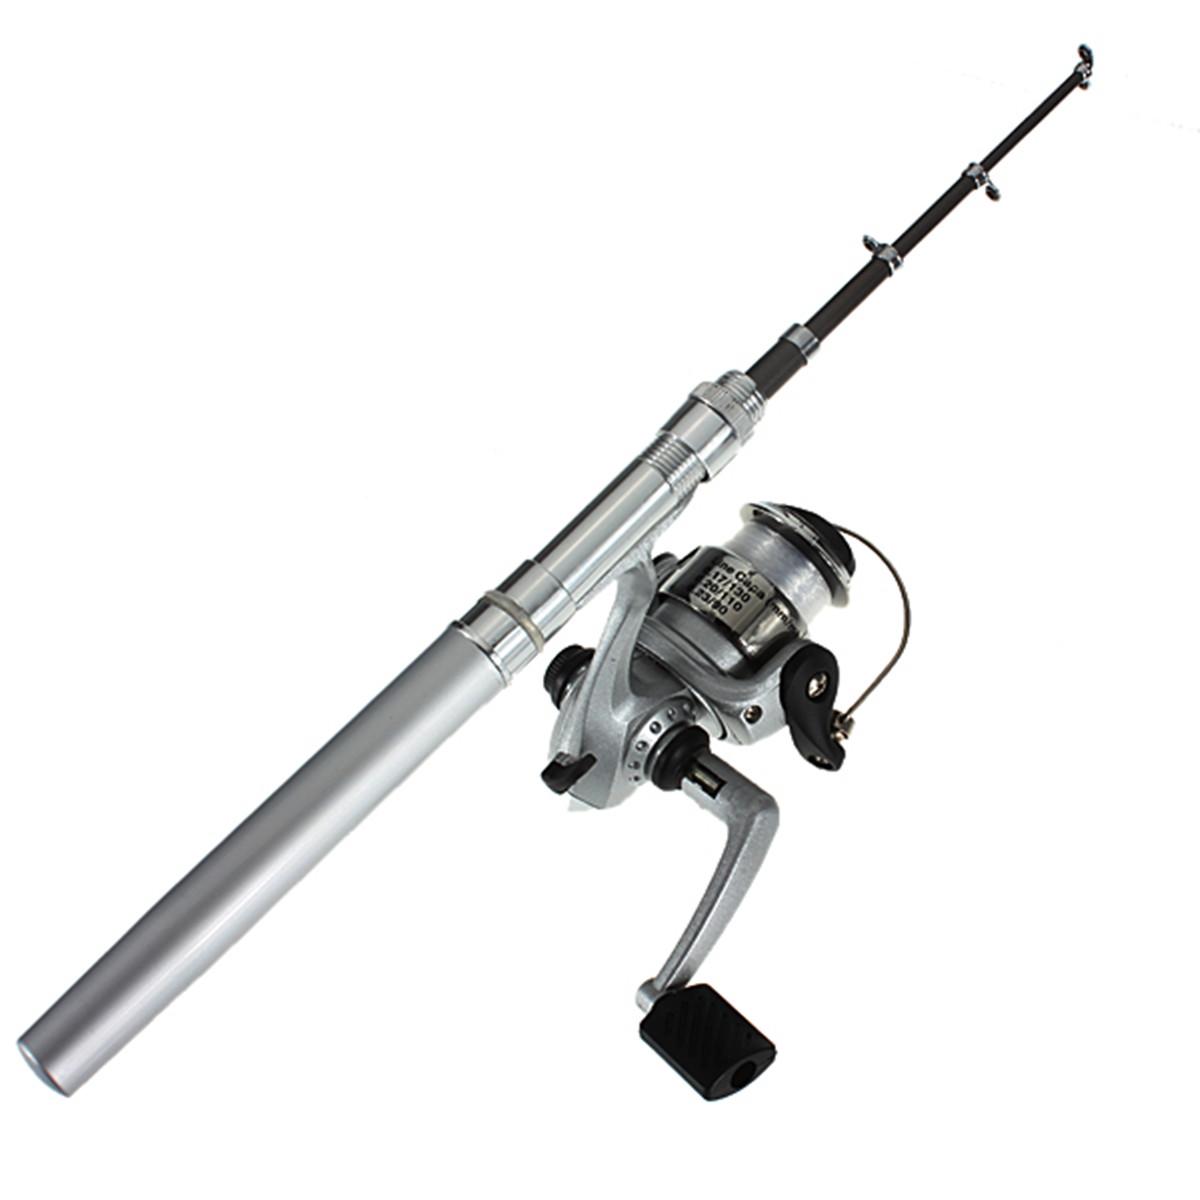 Mega fishing rod mini portable telescopic silver for Mini fishing pole